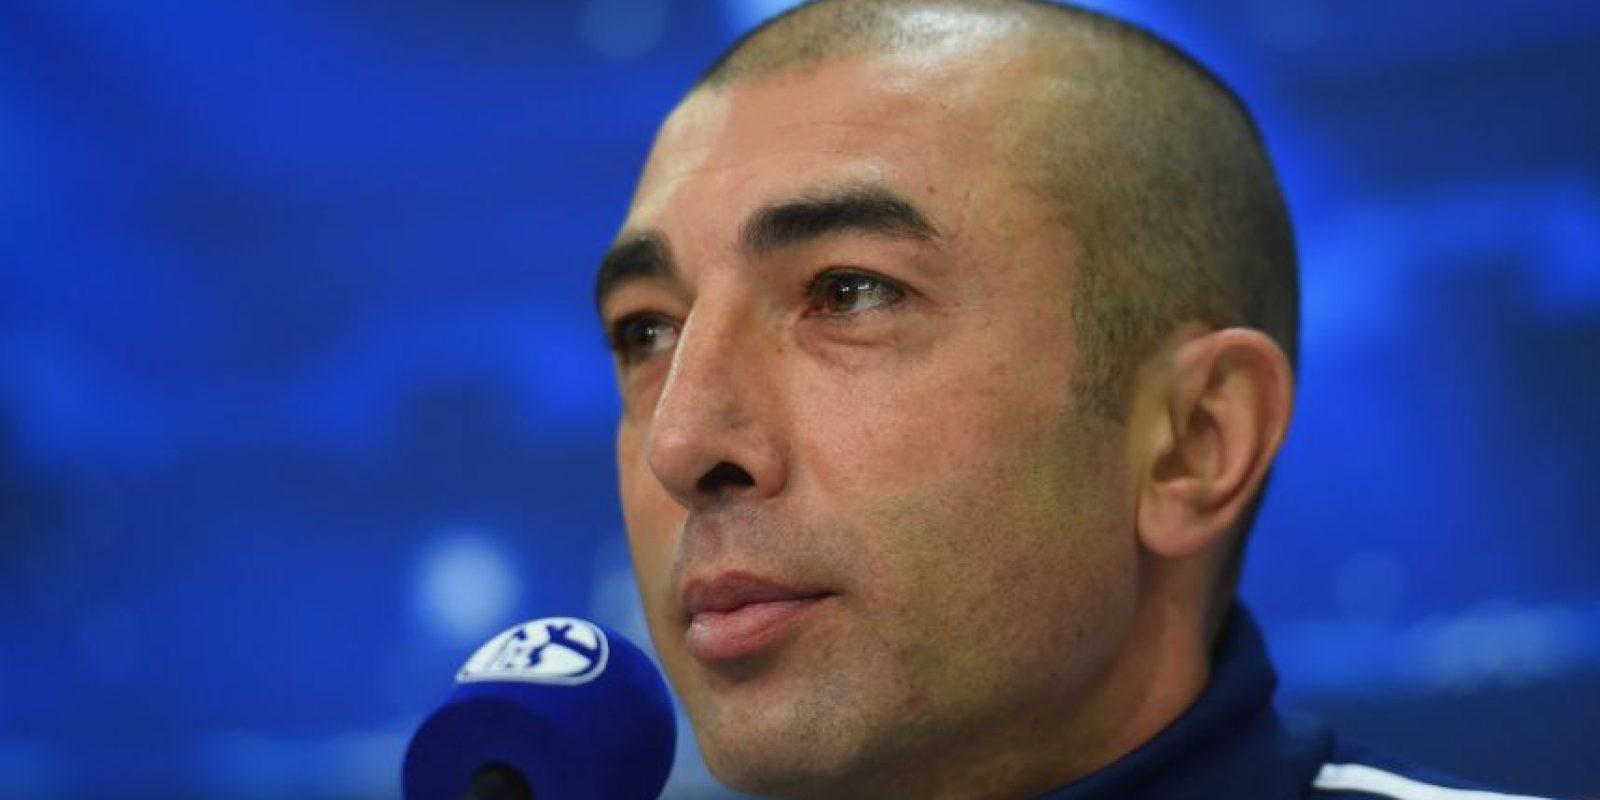 El DT del Schalke ganó la Champions con el Chelsea en 2012 Foto:Getty